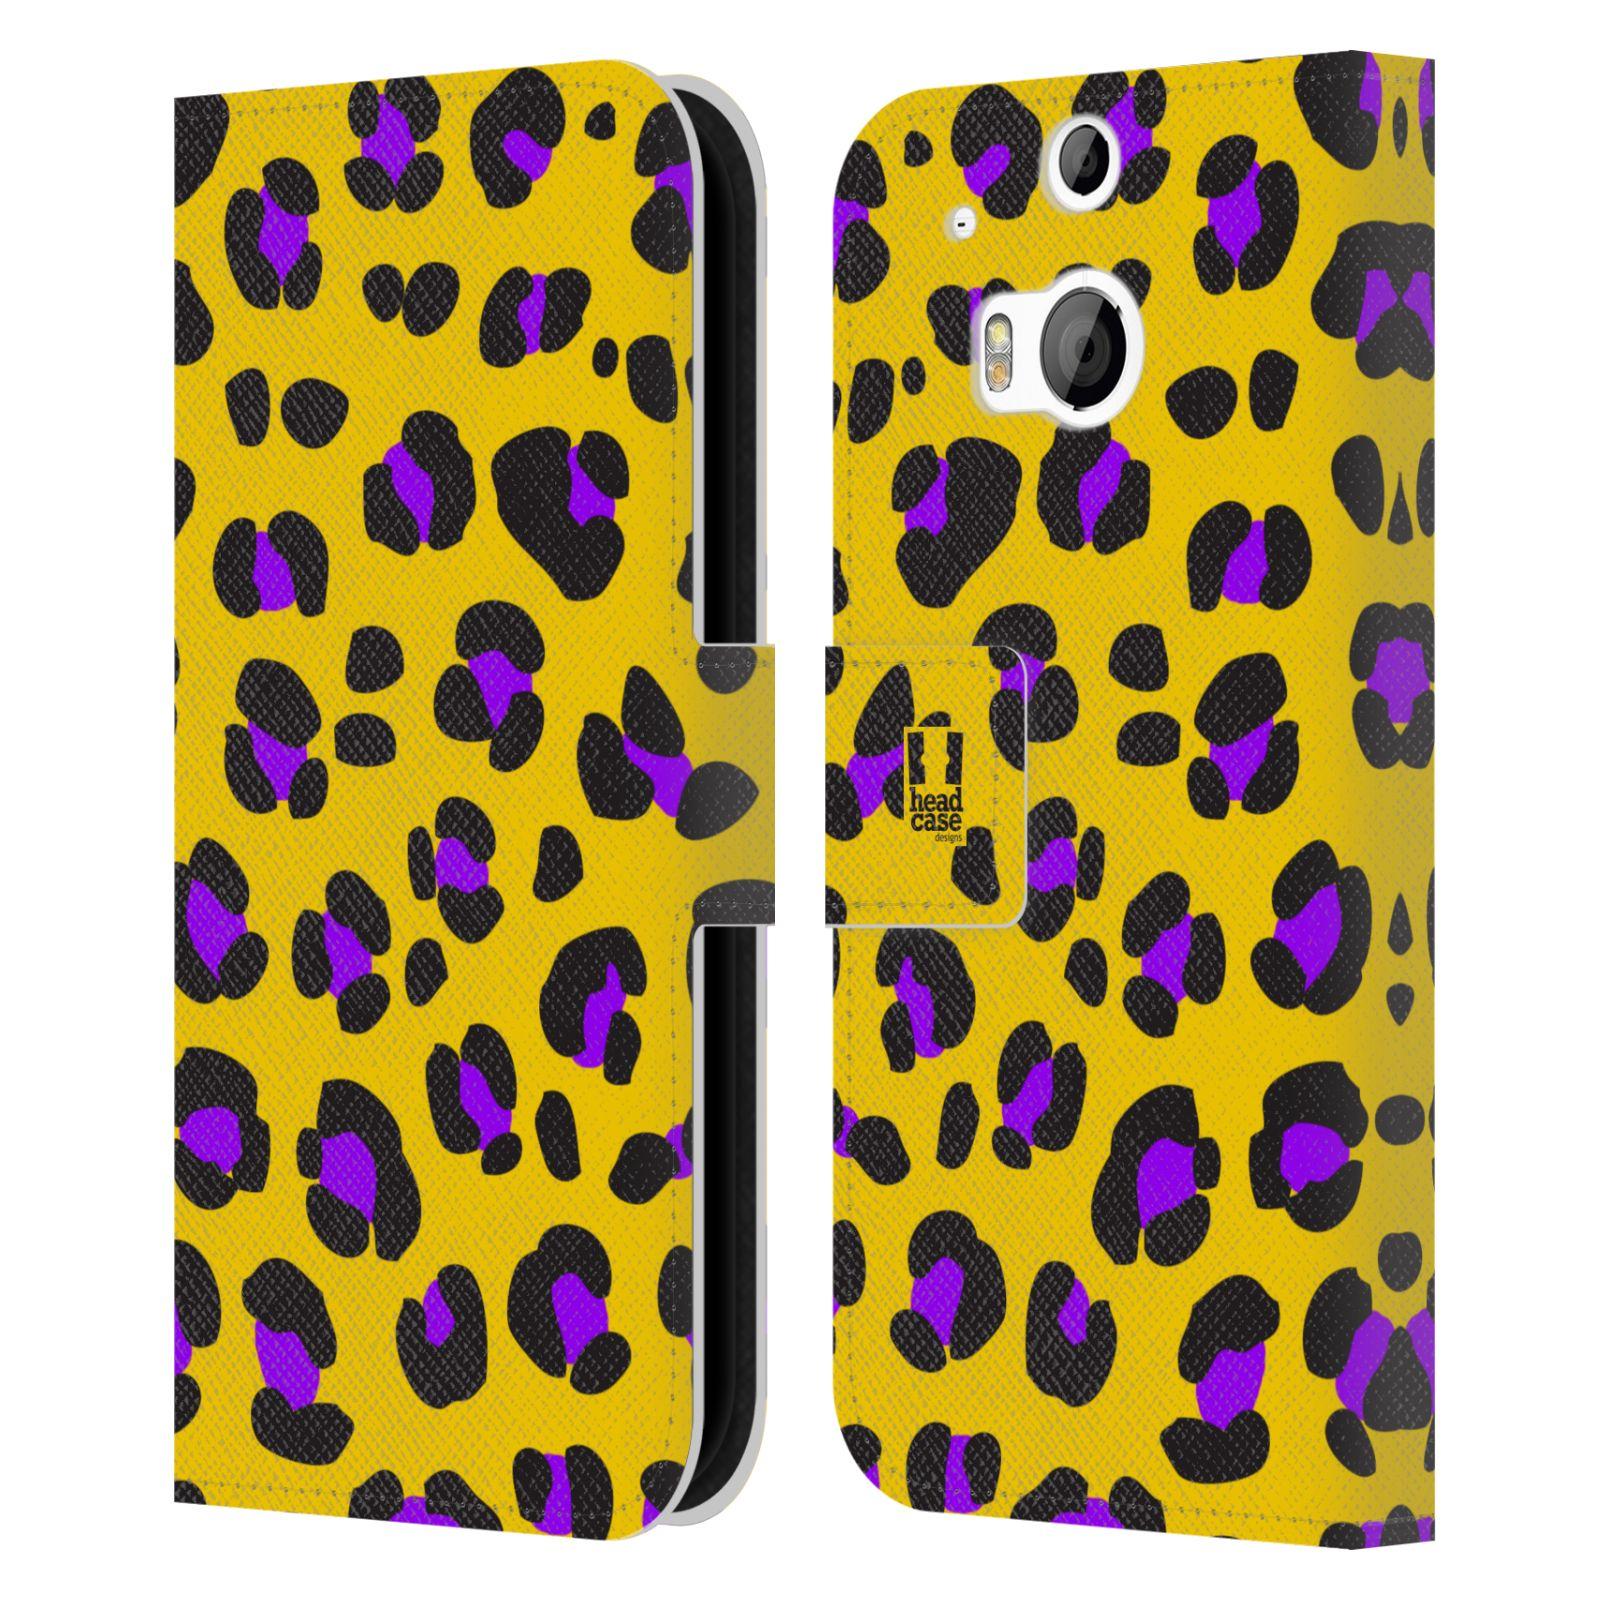 HEAD CASE Flipové pouzdro pro mobil HTC ONE (M8, M8s) Zvířecí barevné vzory žlutý leopard fialové skvrny